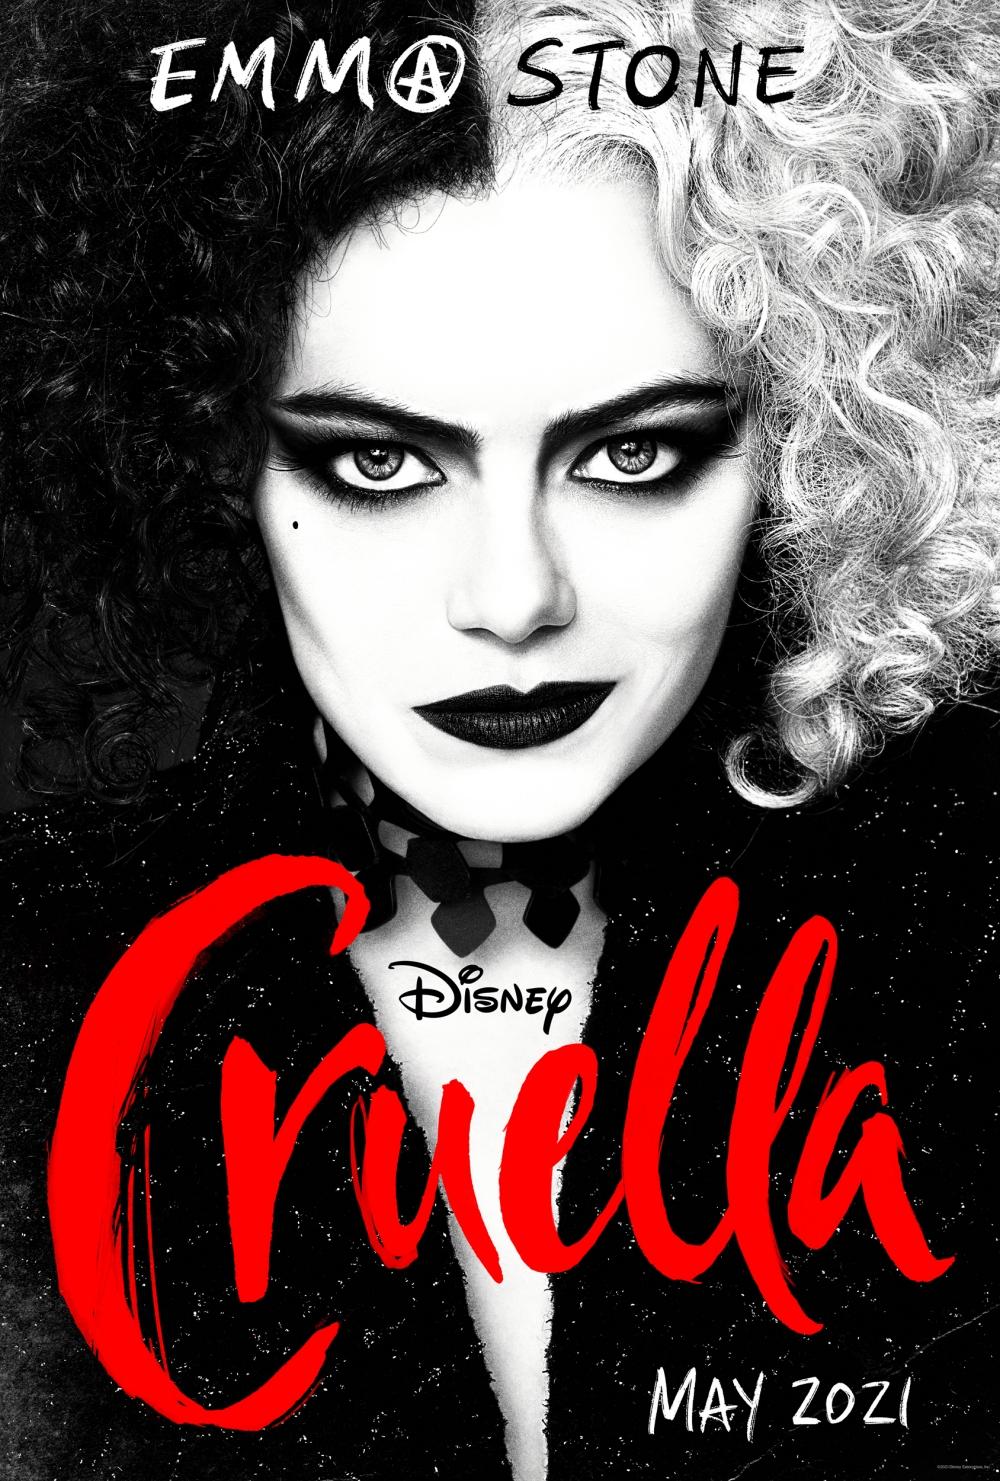 Poster chính thức của Cruella. Ảnh: Twitter @Disney.